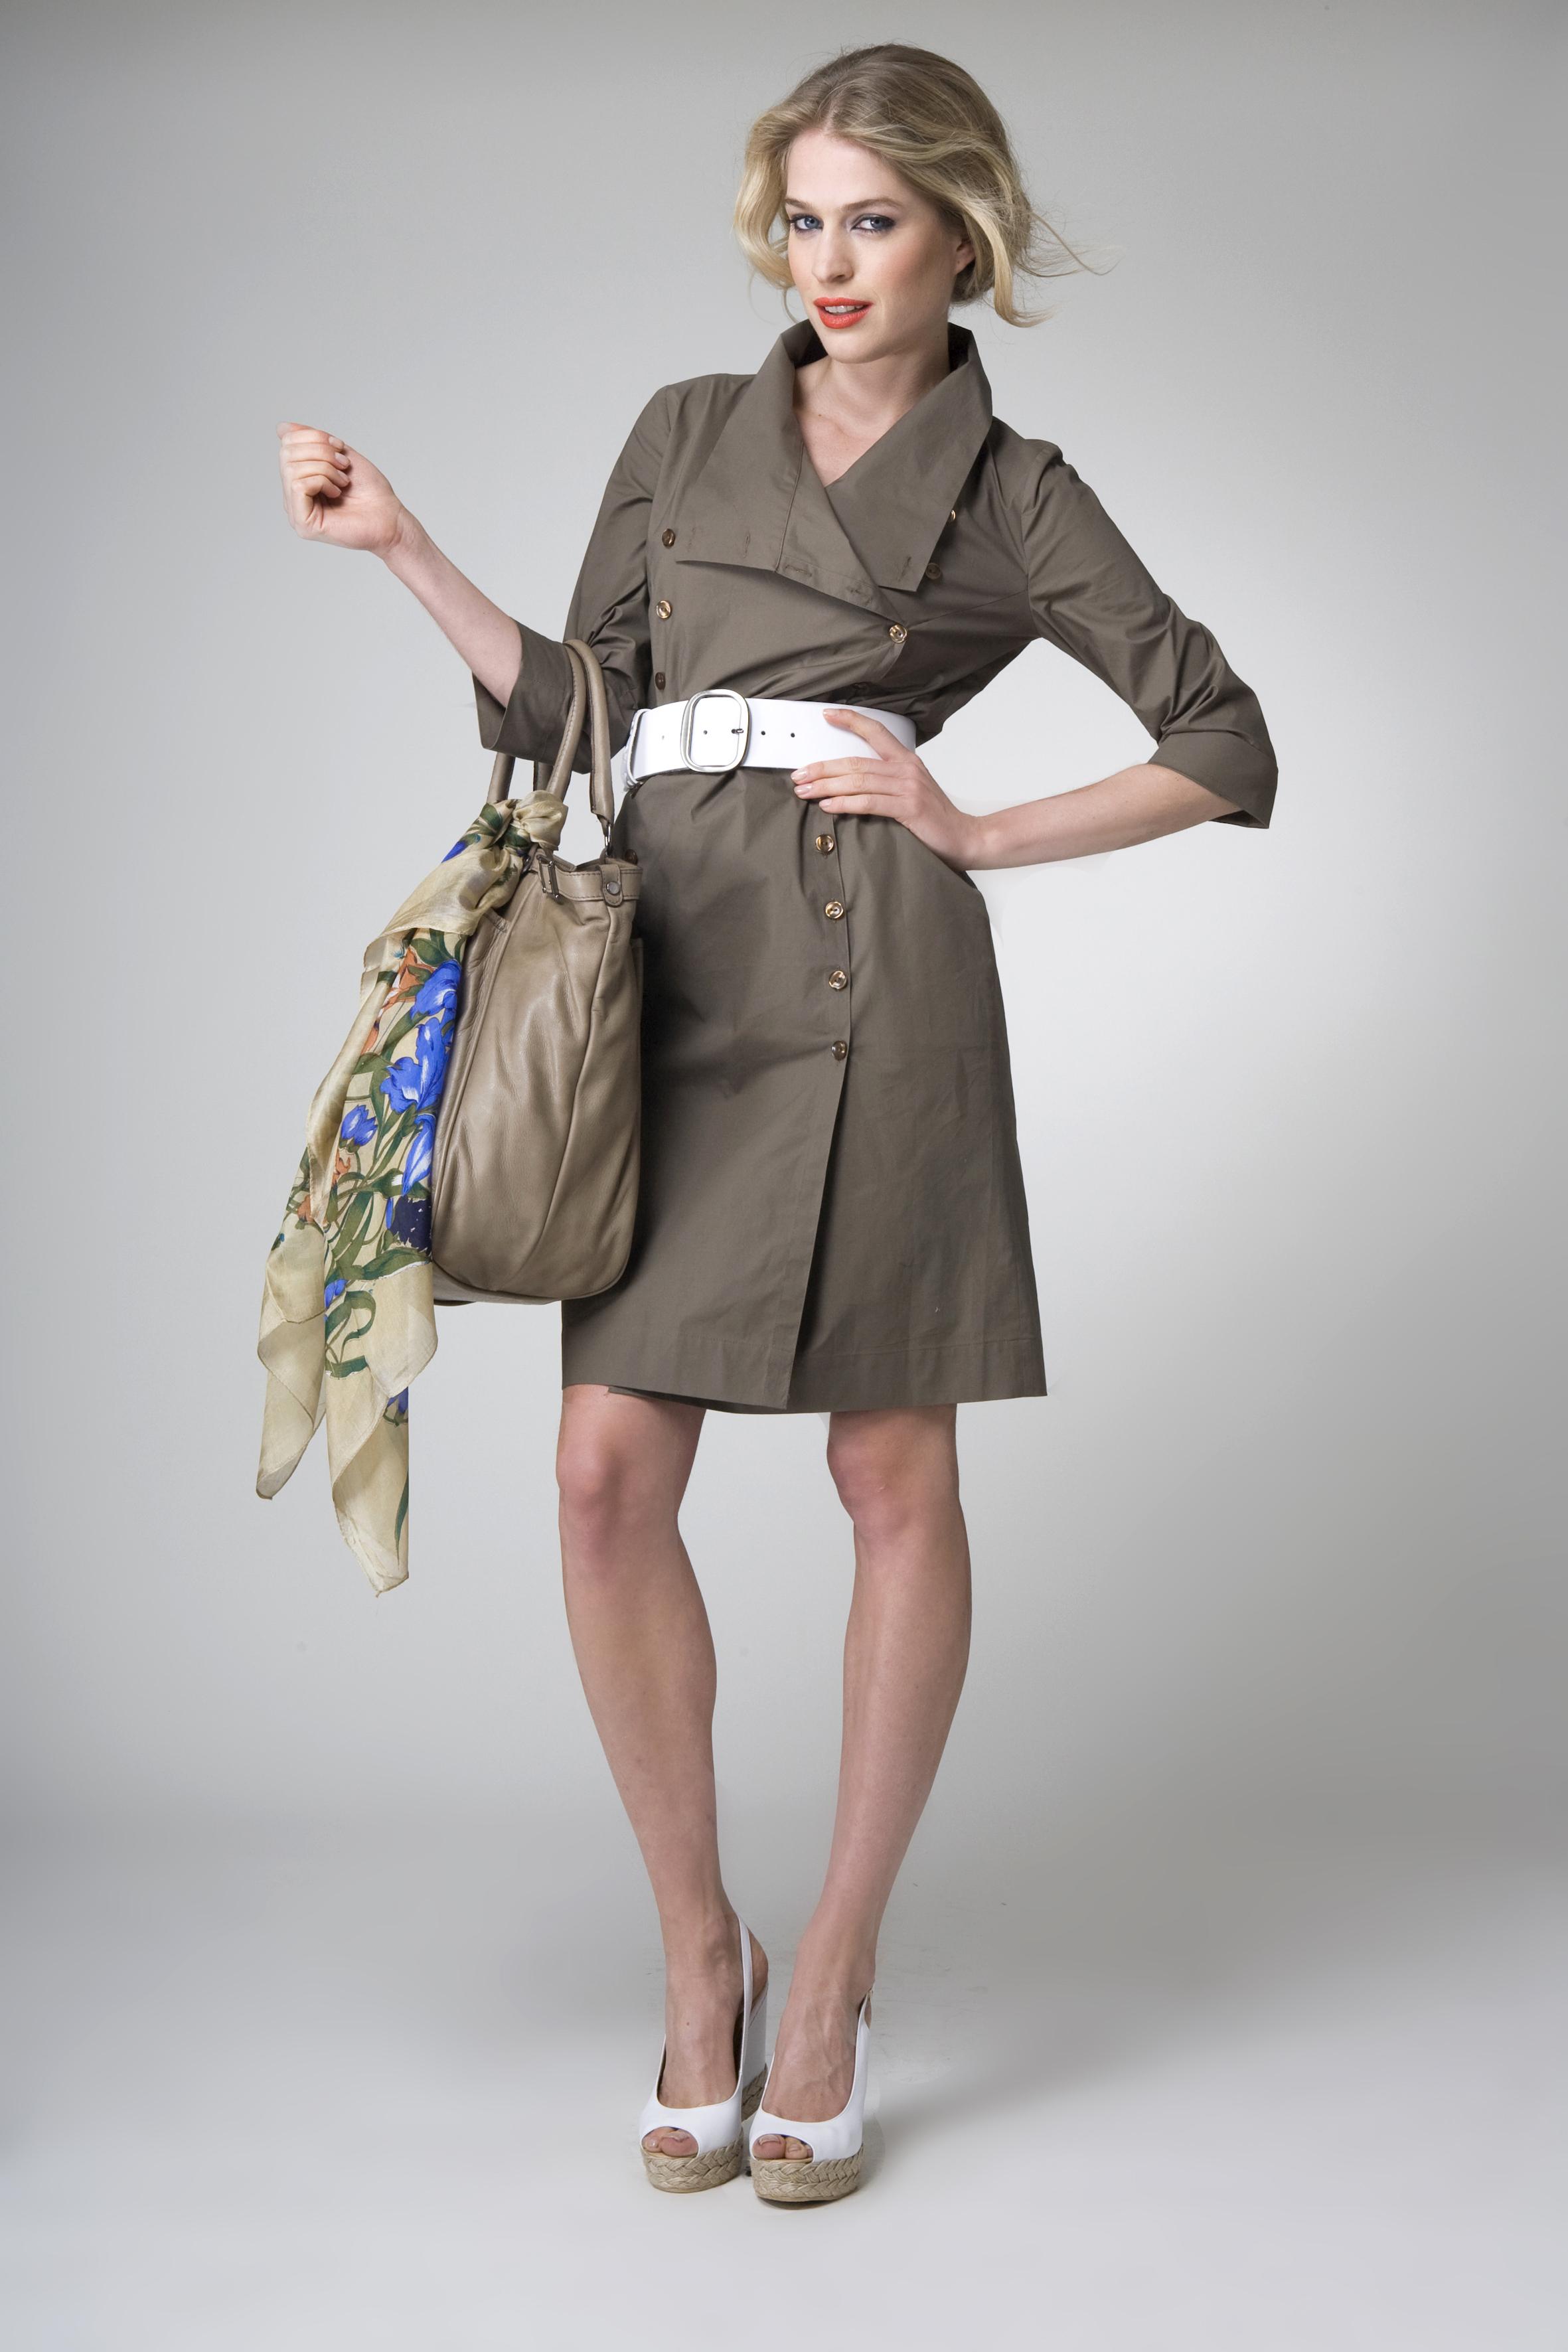 la+salle+fashion+stylist+Karin+van+der+knoop.+fotograaf+Ester+Quelle